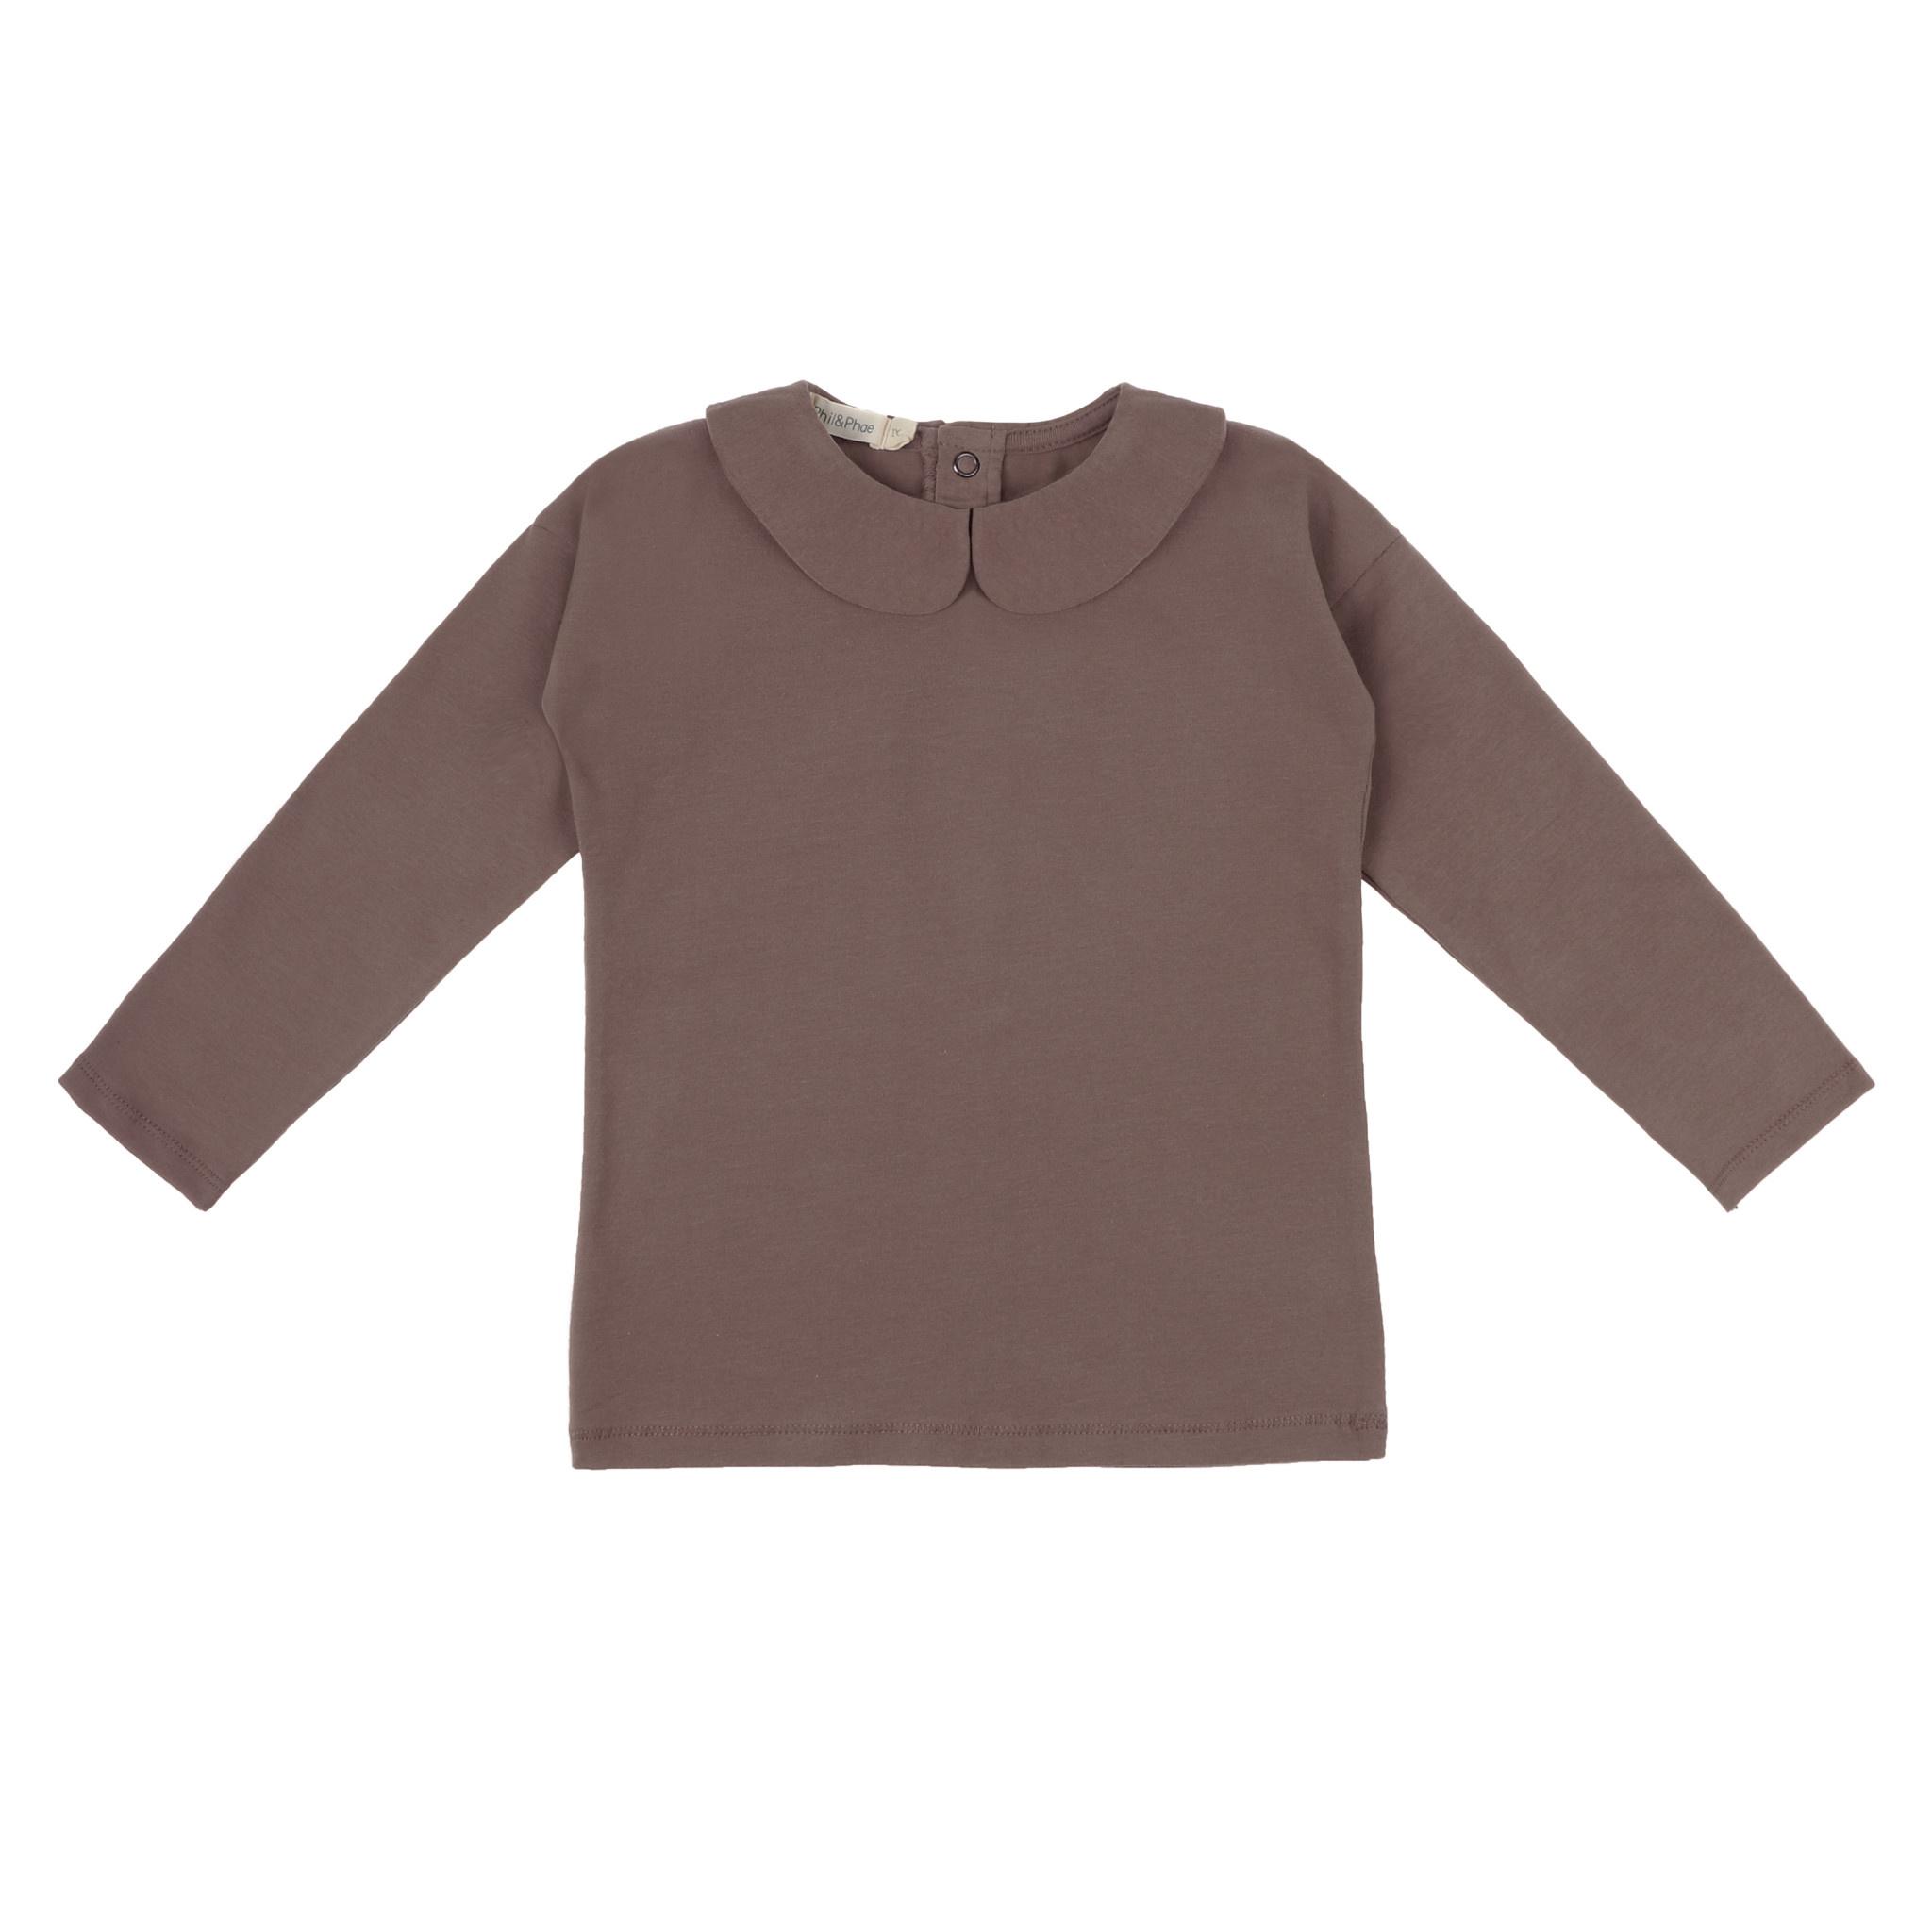 Phil&Phae Phil&phae -  Collar t-shirt heather